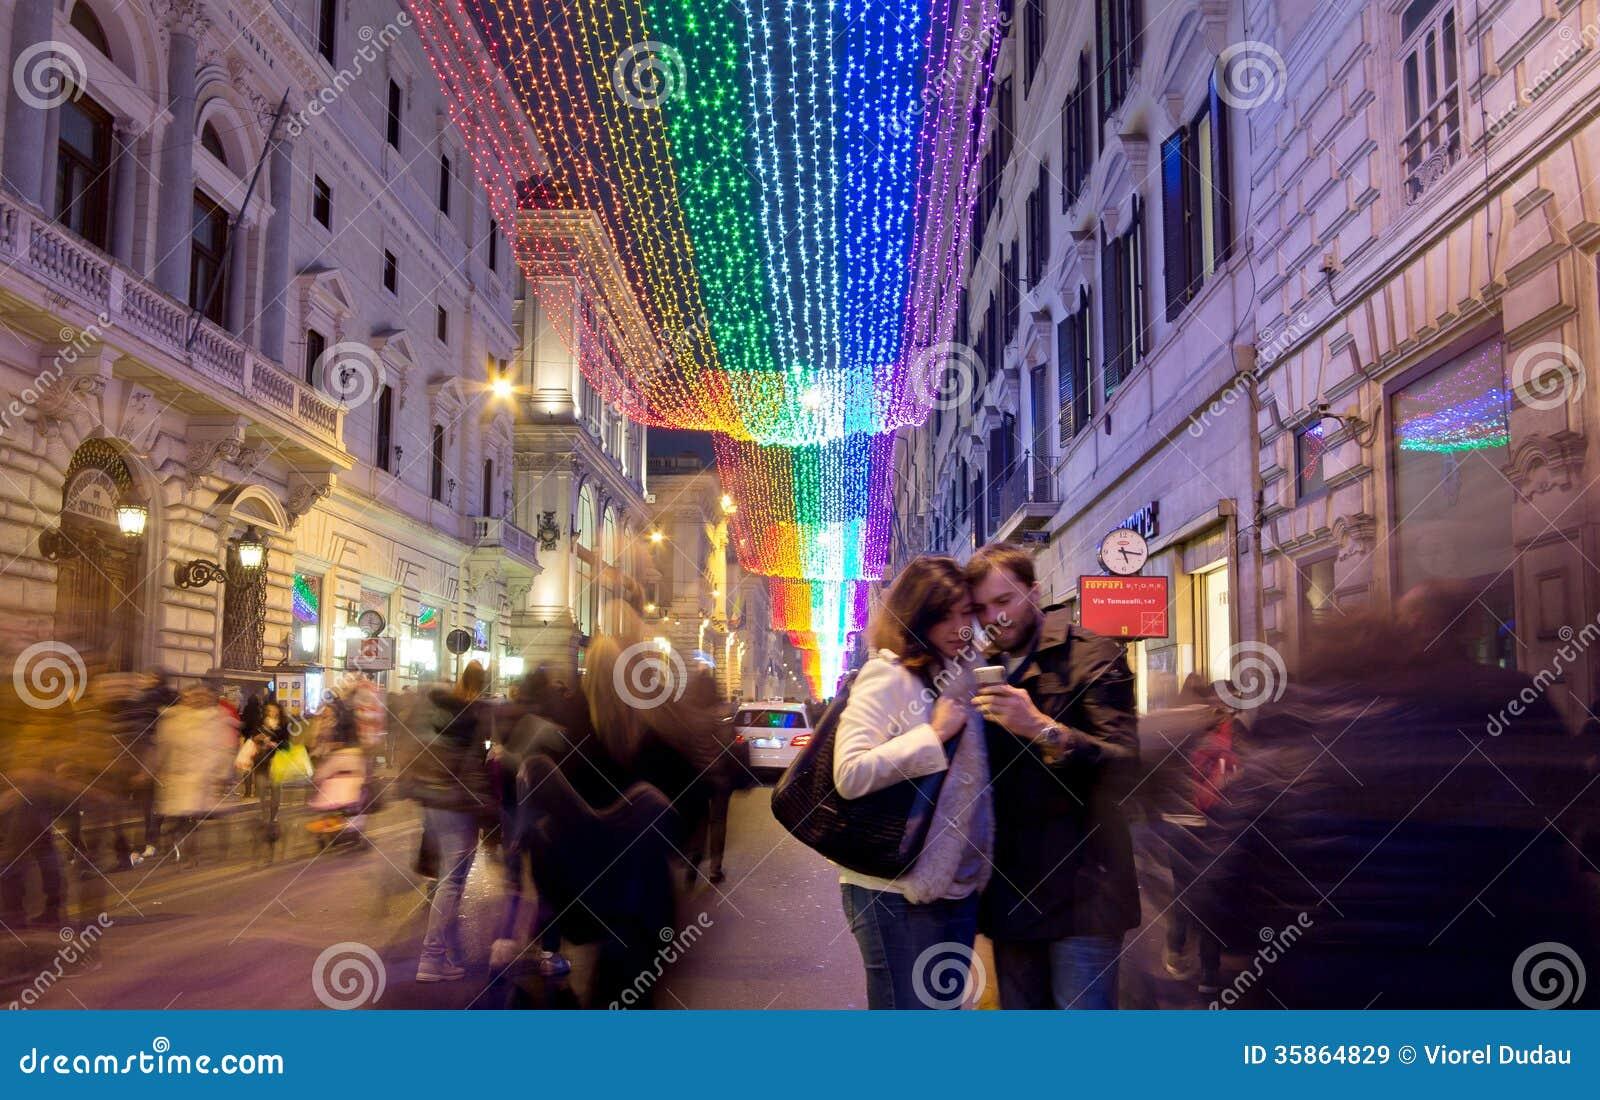 Kerstmis in Rome